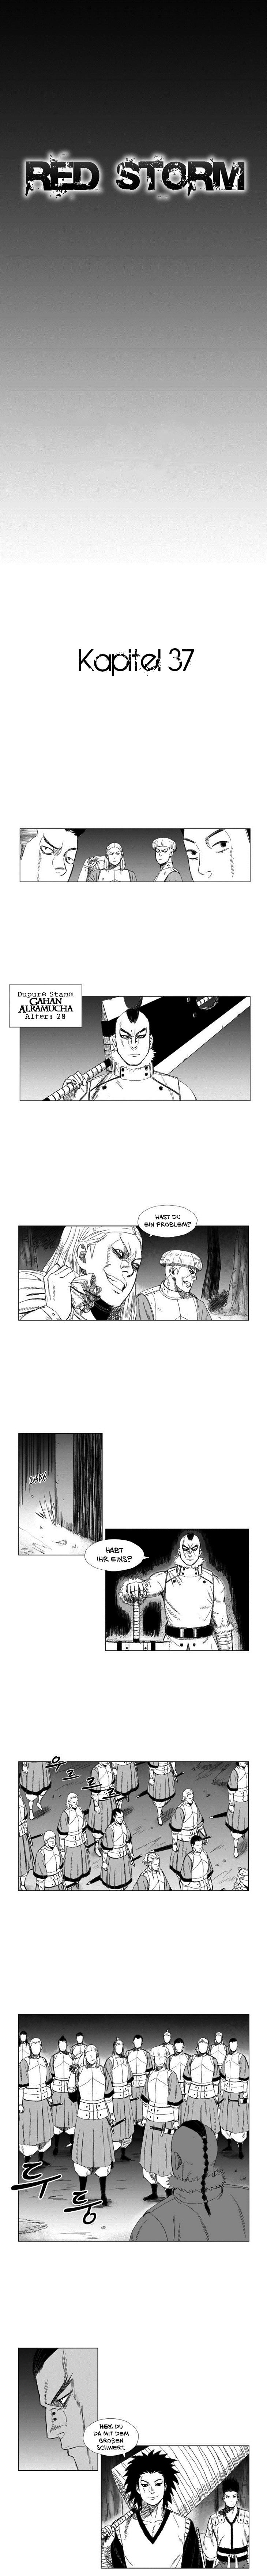 https://wie.mangadogs.com/comics/pic/13/525/201792/Kapitel37_0_60.png Page 1